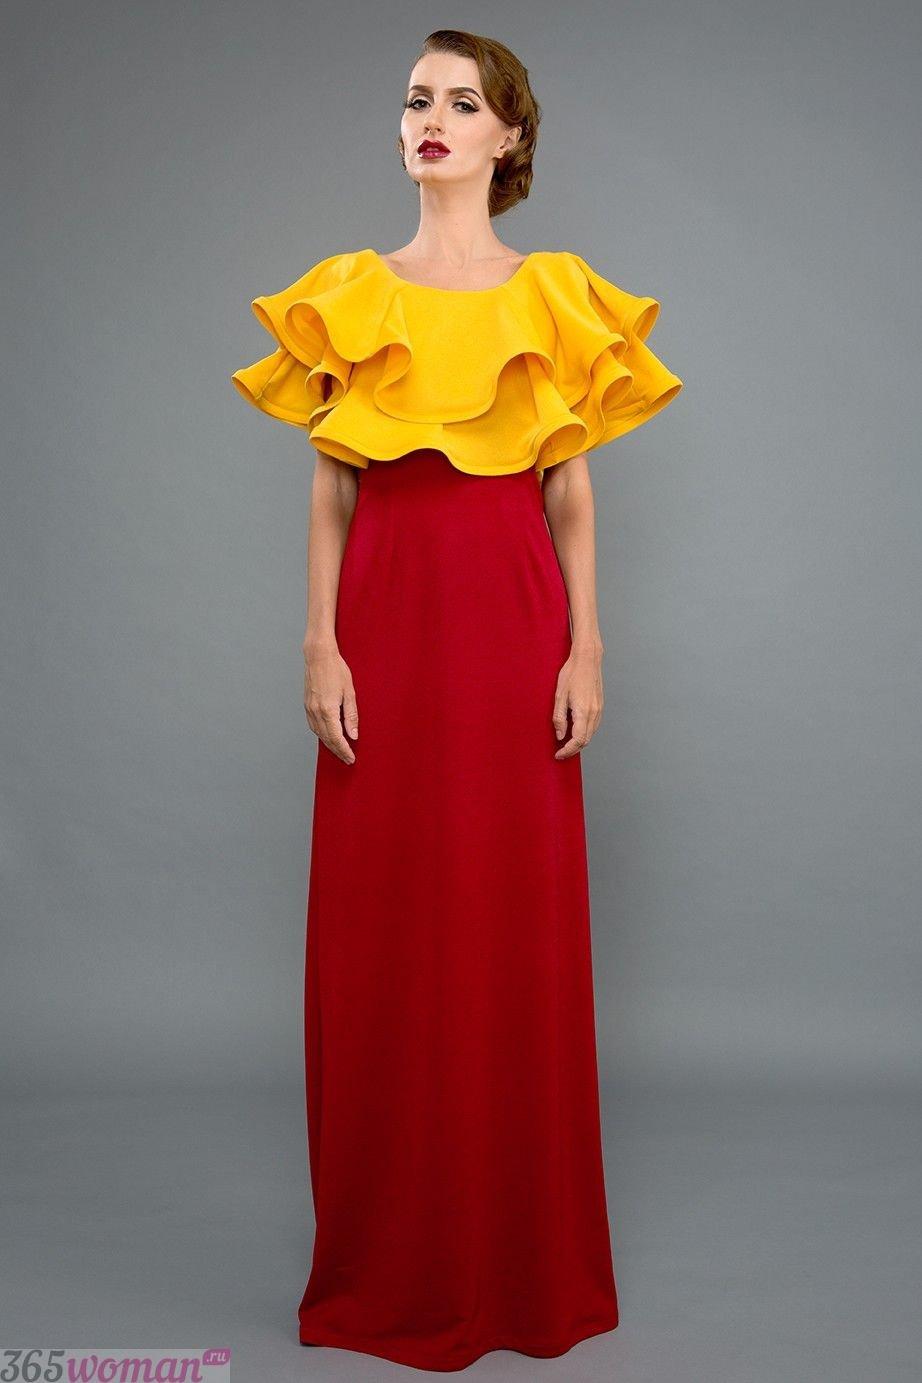 В каком цвете встречать 2019 год свиньи: красное длинное платье с желтым объемным лифом